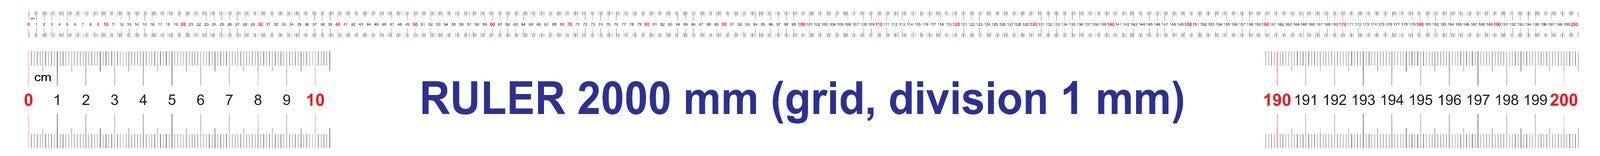 Règle de 2000 millimètres Règle de 200 centimètres Règle de 2 mètres Grille de calibrage Division de valeur 1 millimètre